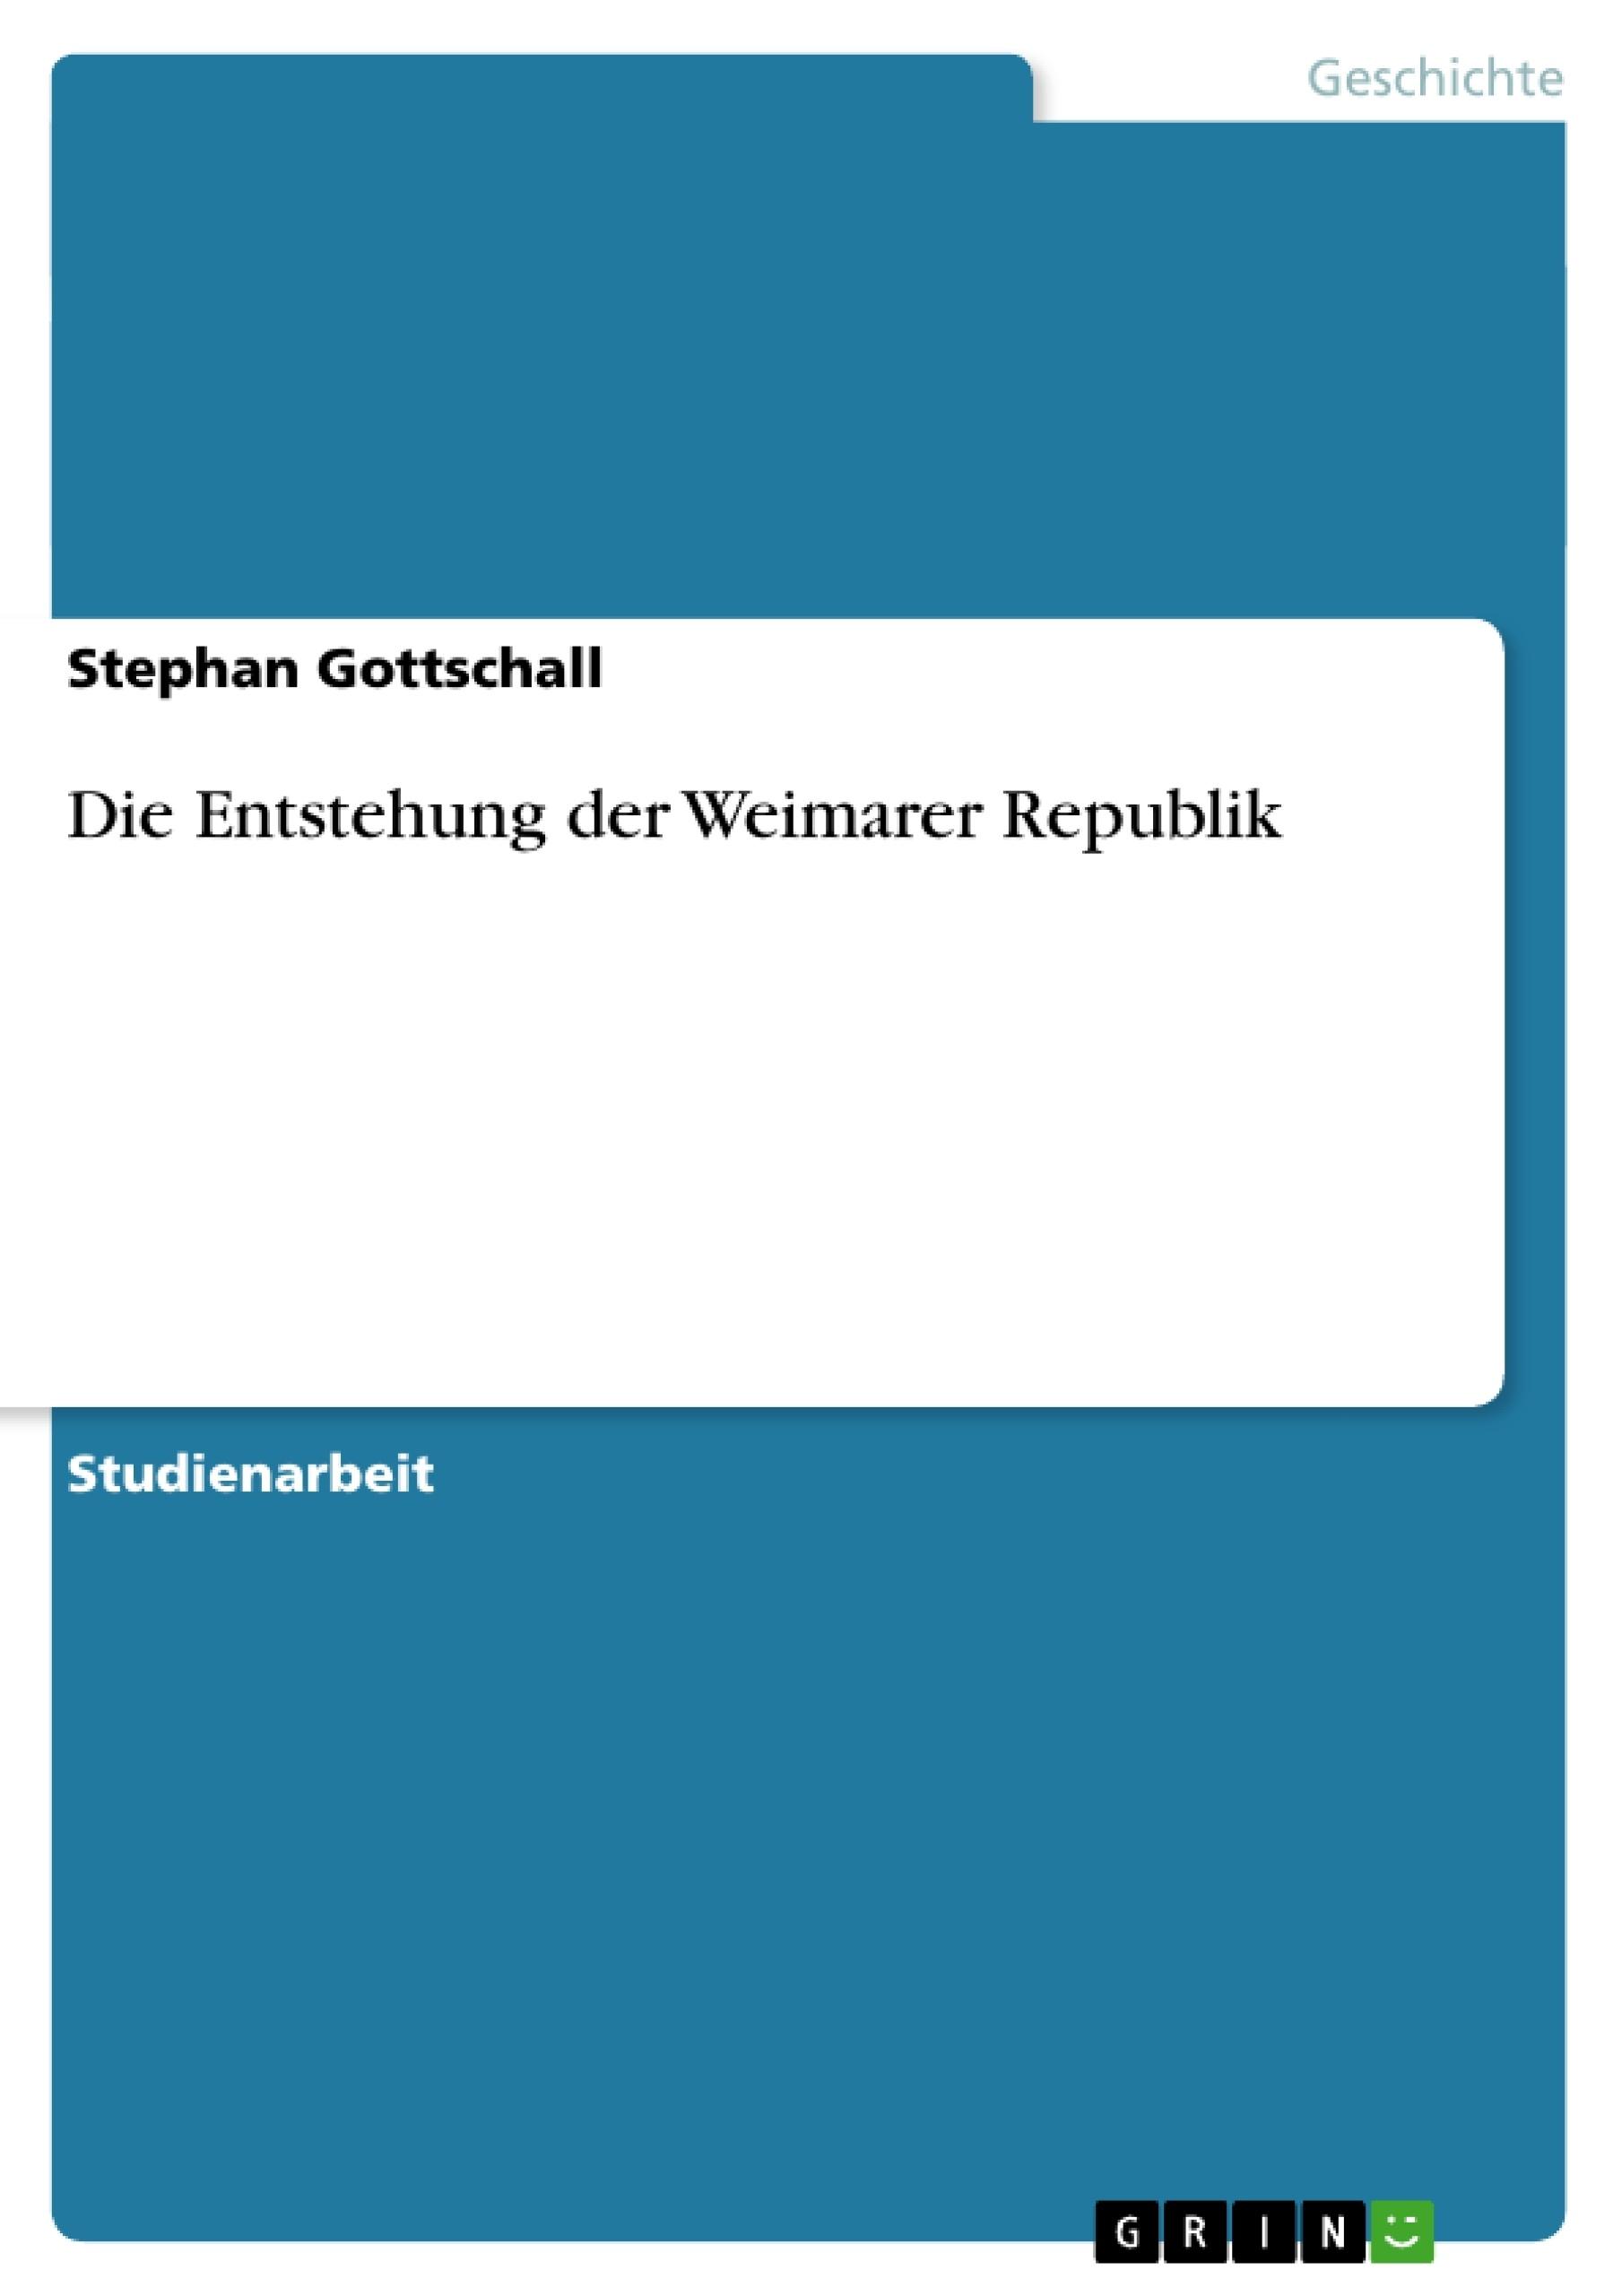 Titel: Die Entstehung der Weimarer Republik